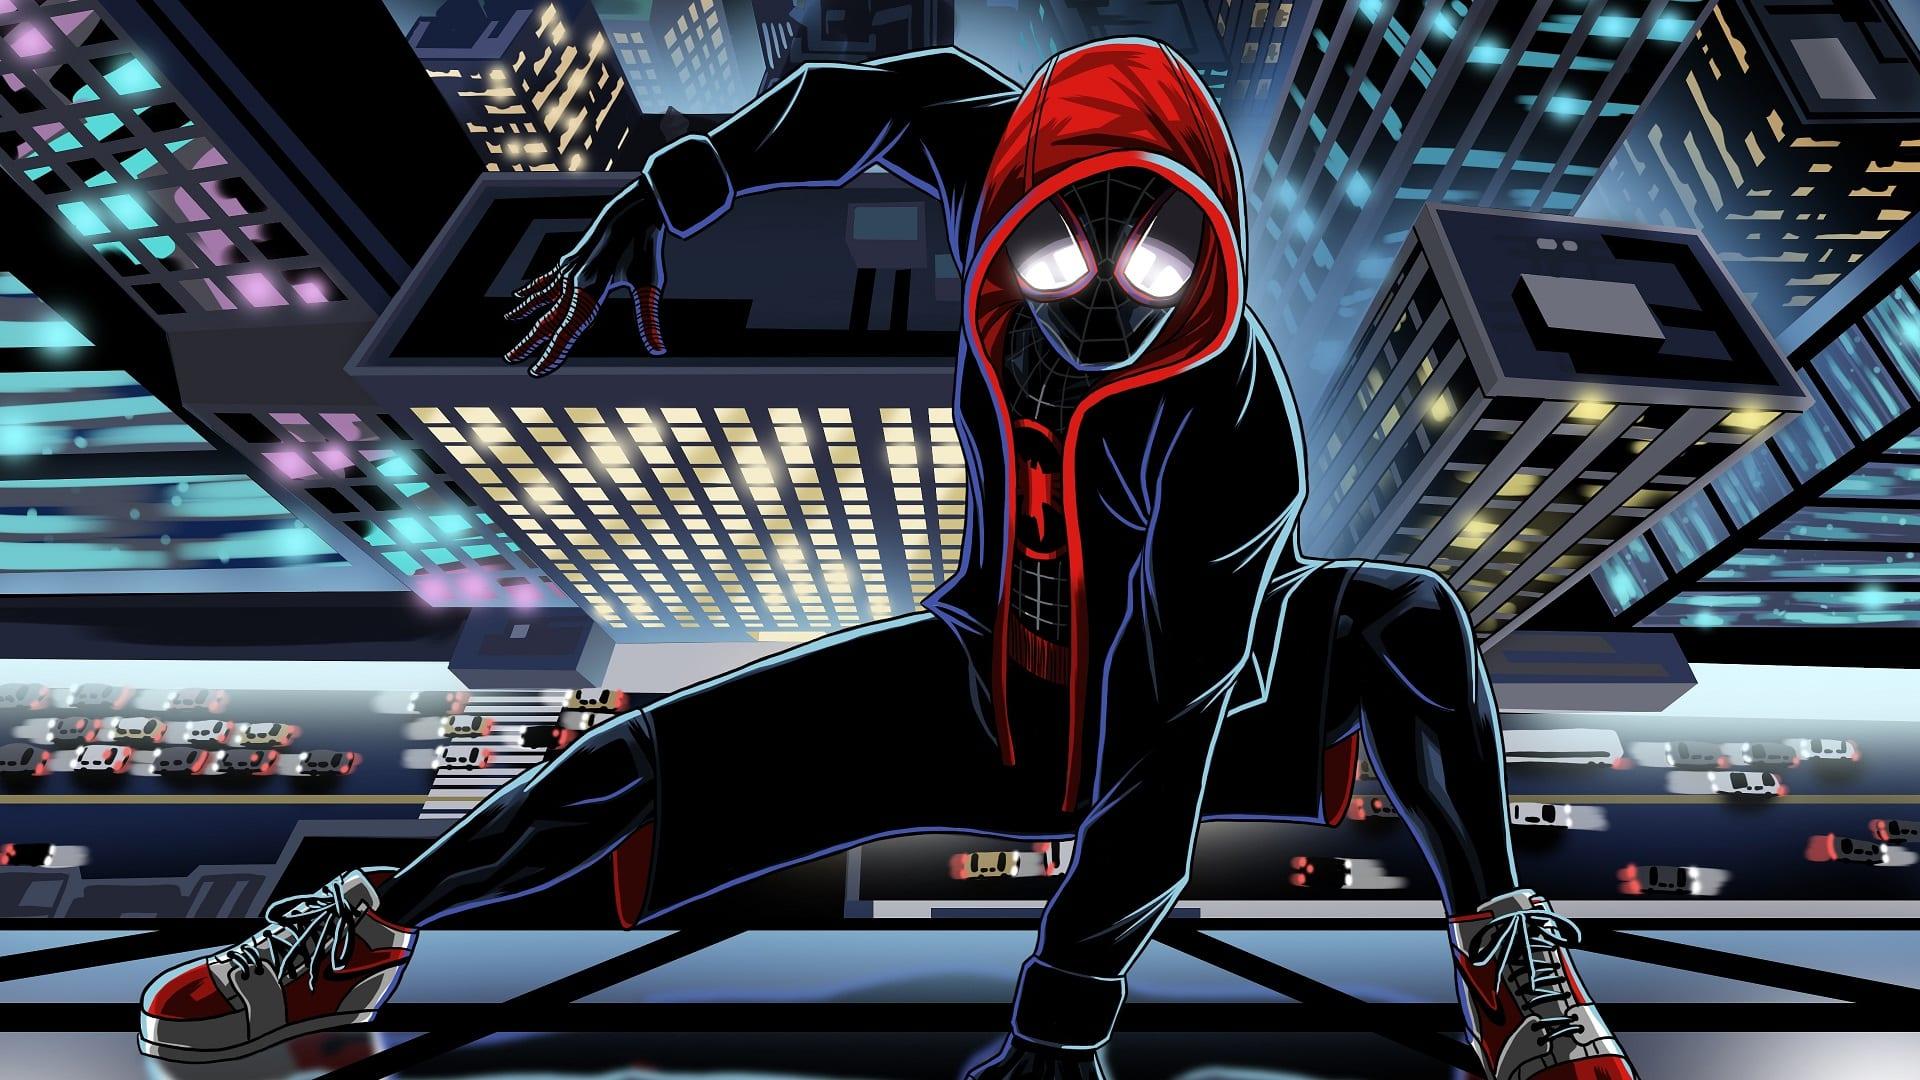 Scarica sfondi spiderman muro supereroi uomo ragno per desktop